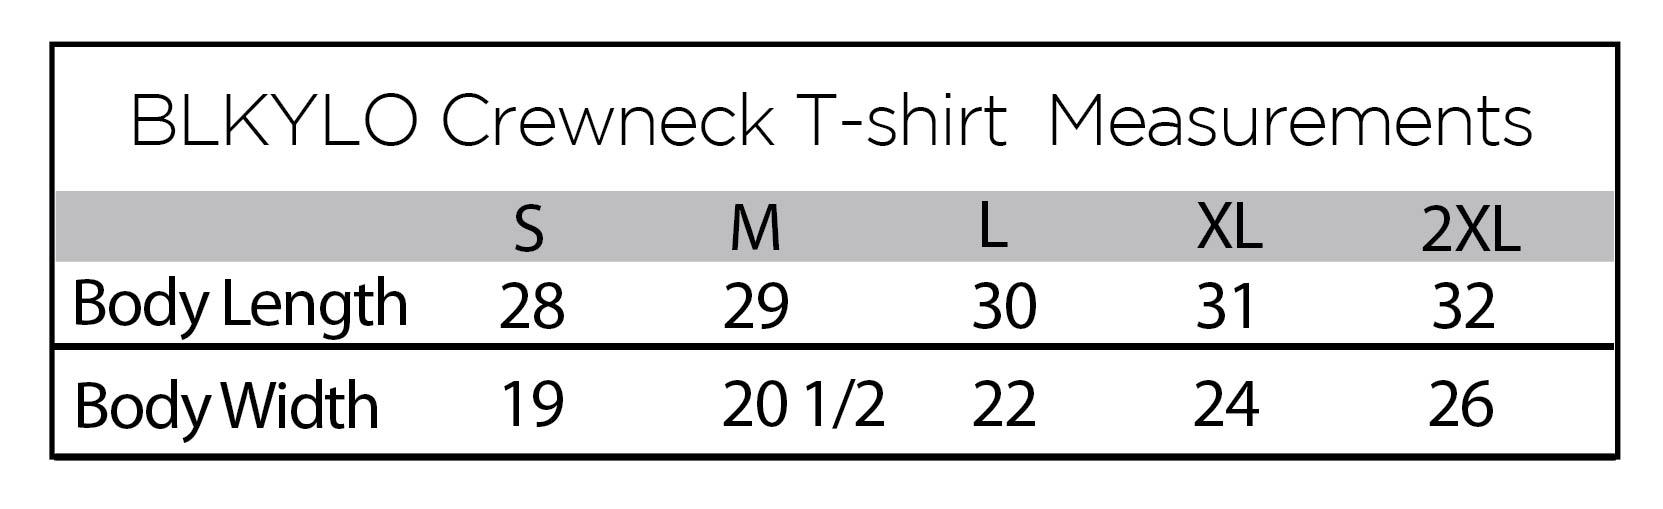 crew-neck-sizes.jpg